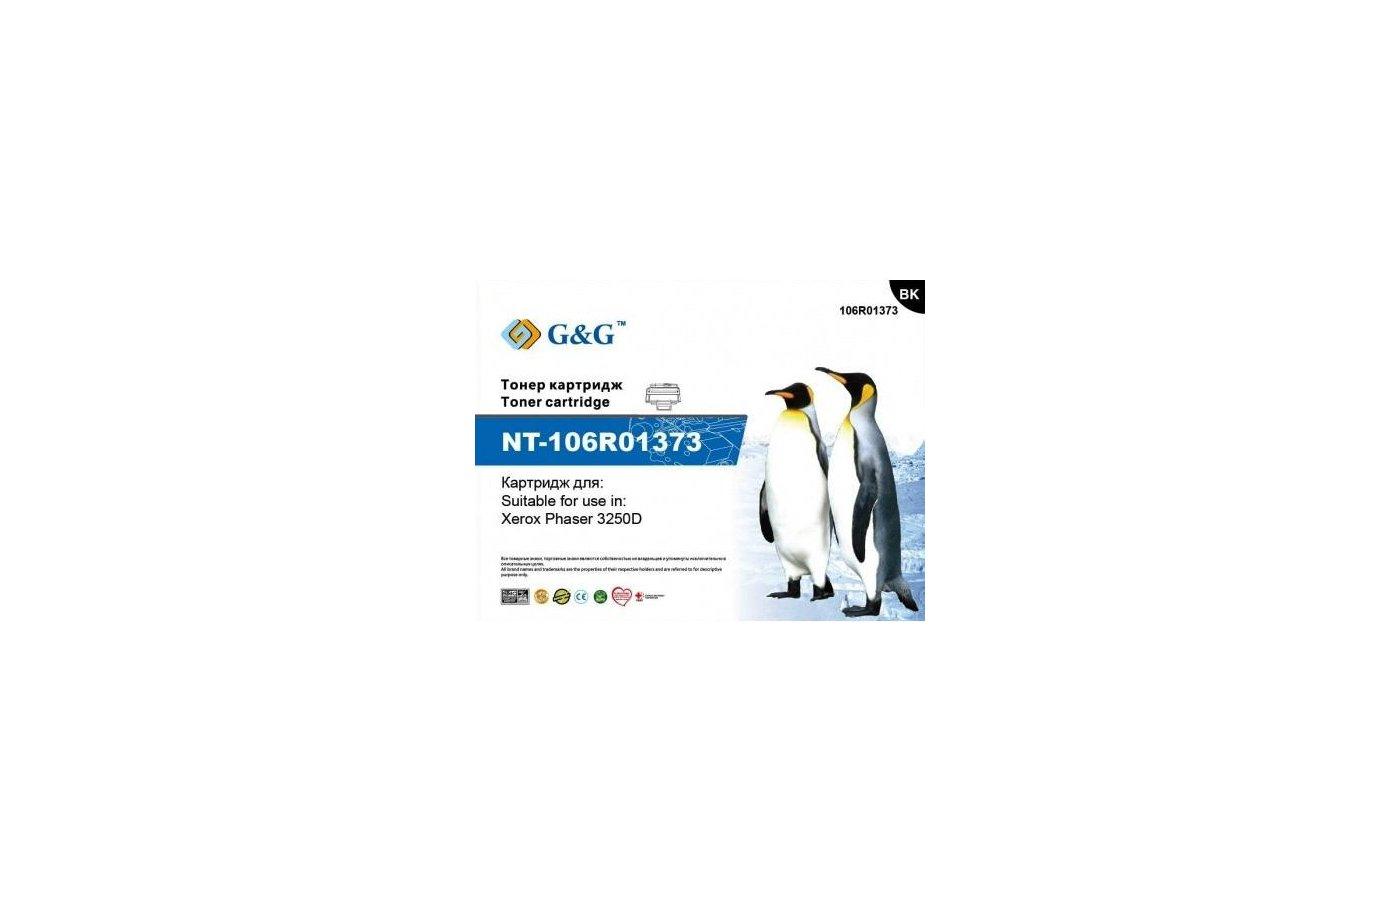 Картридж лазерный GG NT-106R01373 Совместимый для Xerox Phaser 3250D (3000стр)